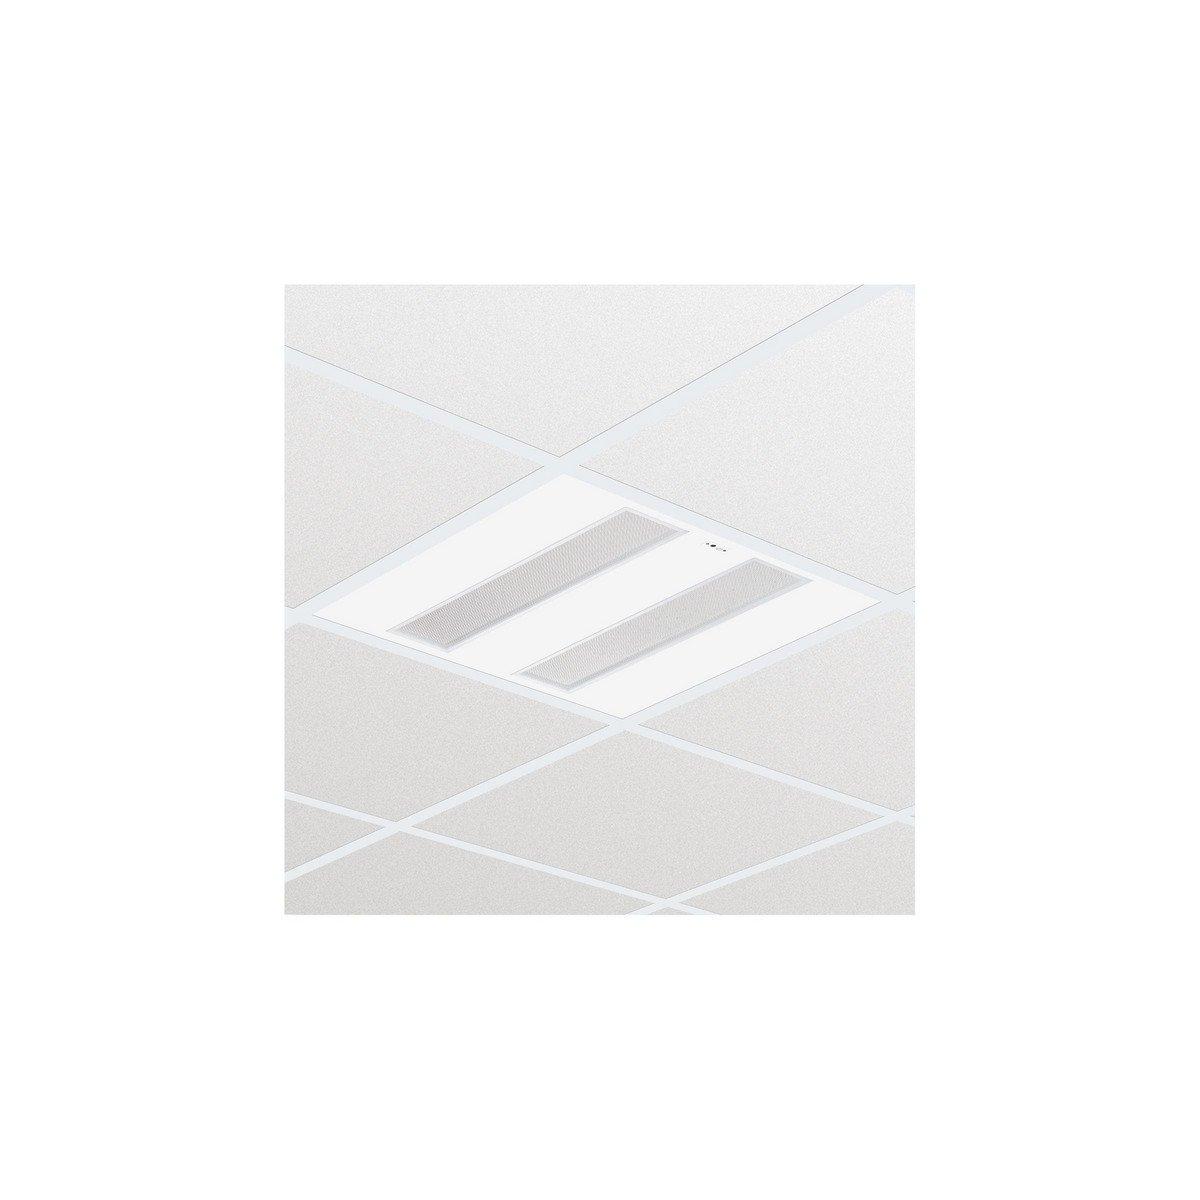 Philips FlexBlend Indbyg RC340B LED 3600lm/940 60x60 Synlig T-skinne MLO-optik